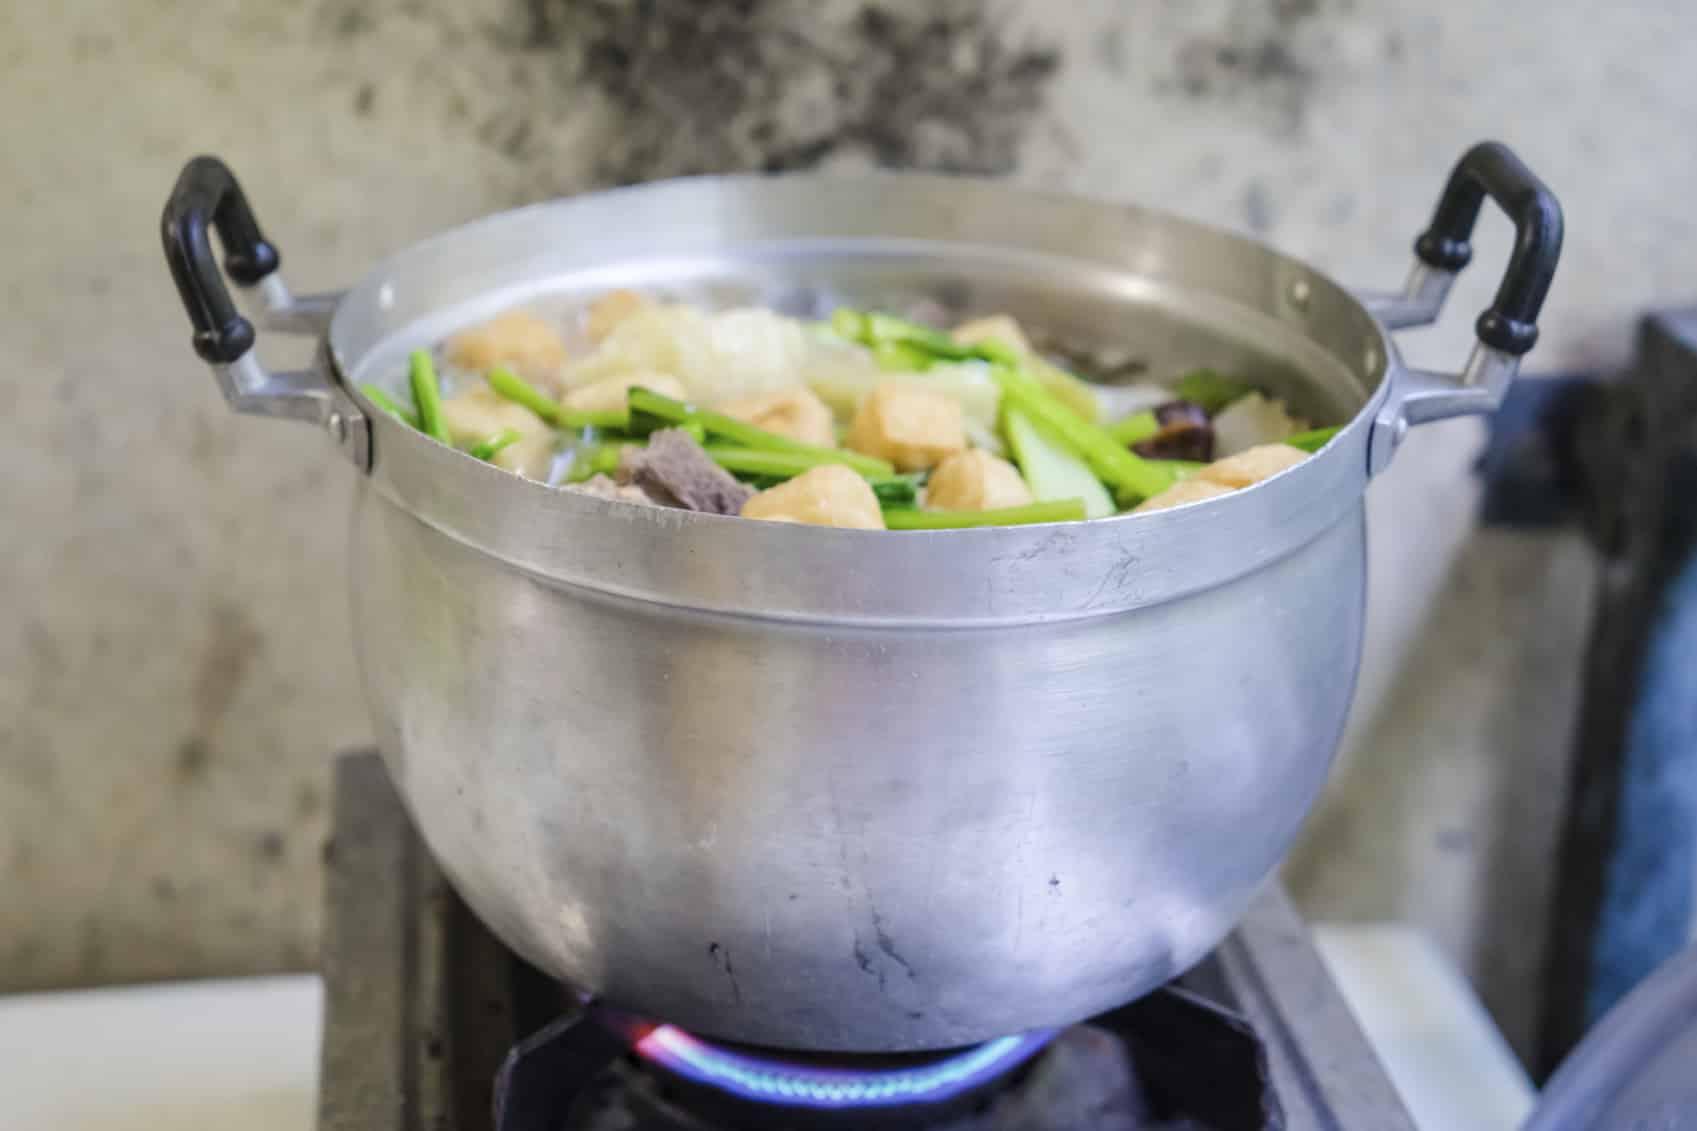 Pourquoi ne pas fouetter la soupe?